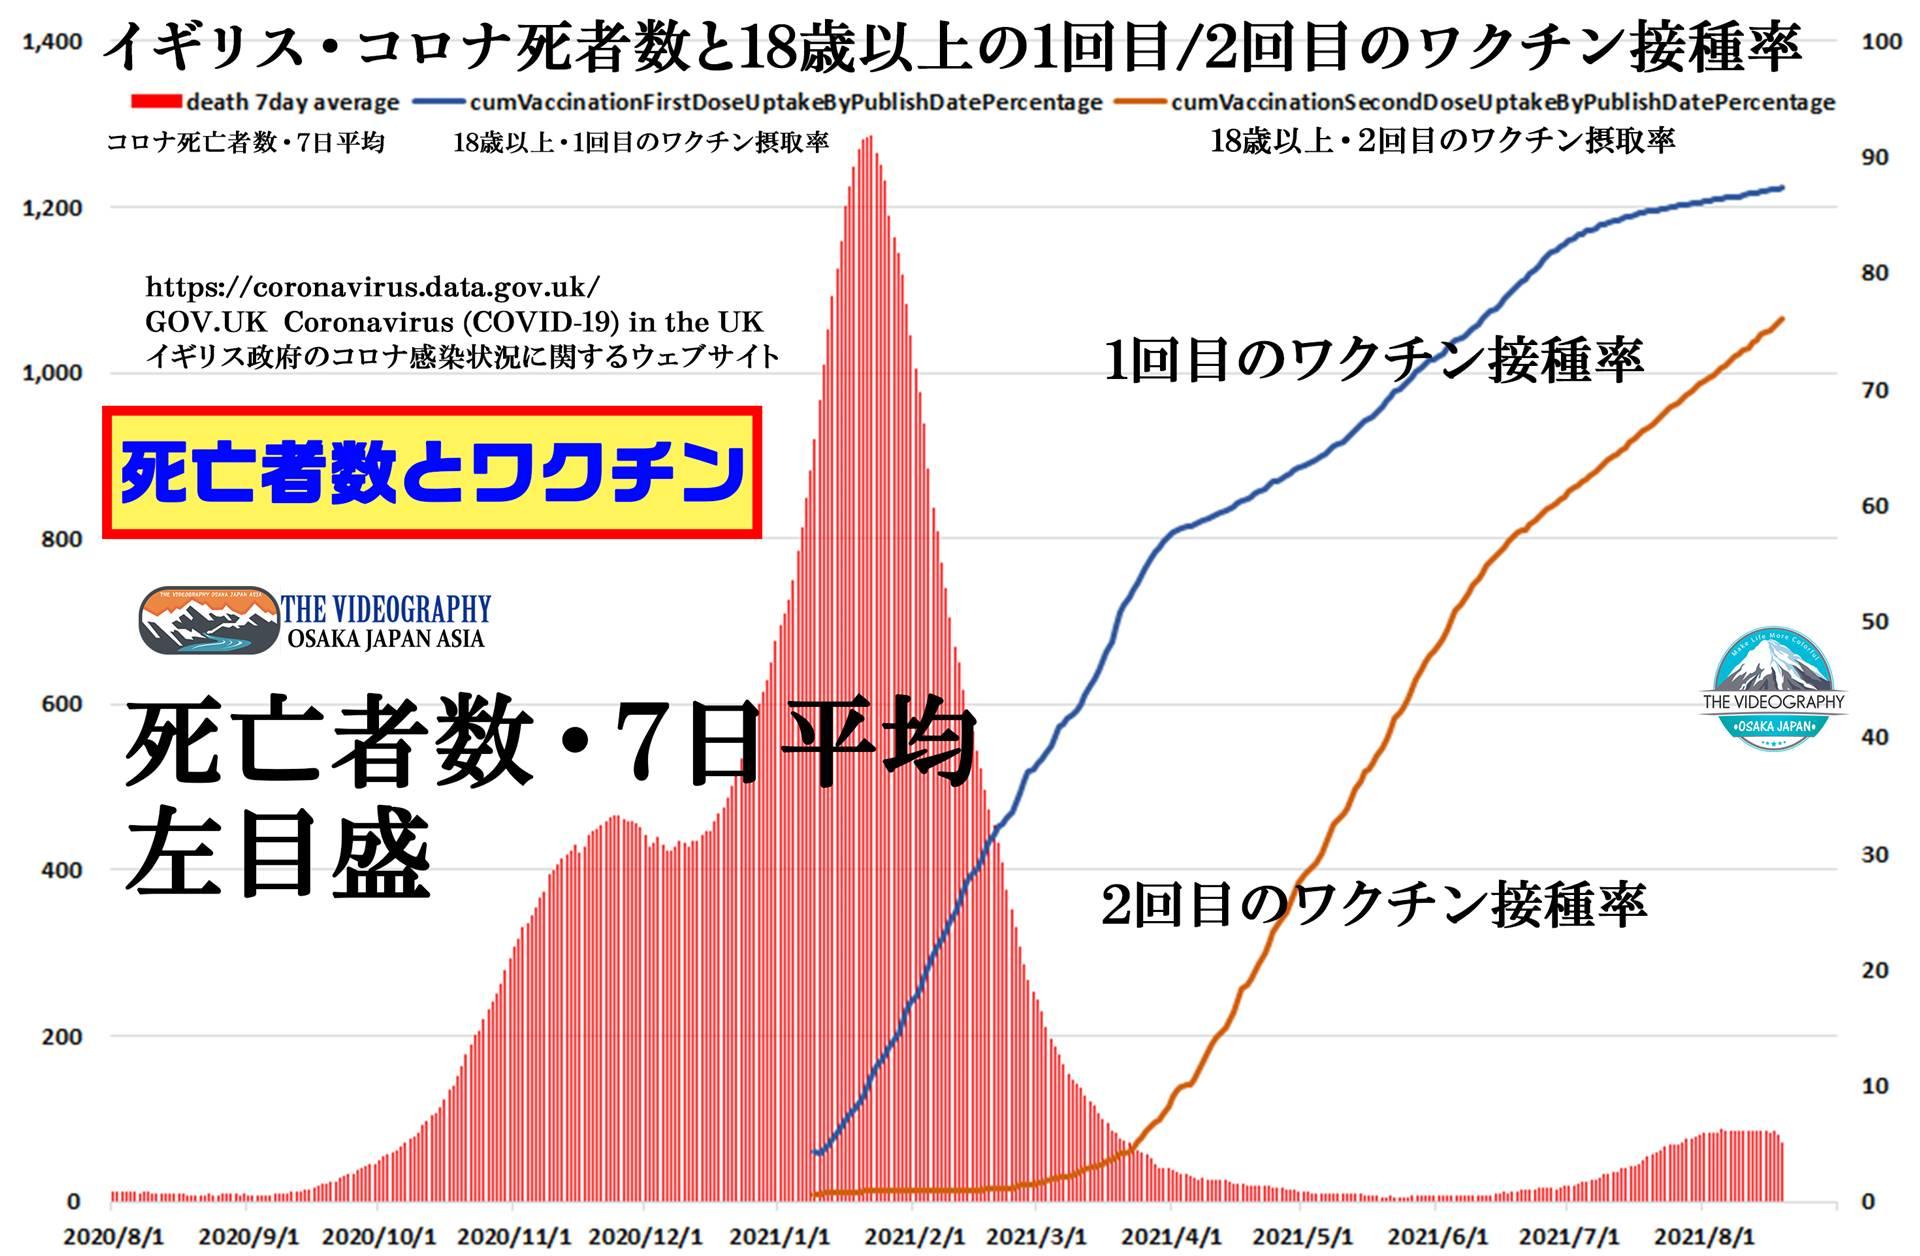 ワクチン接種後の世界・ワクチン接種率と死亡者数